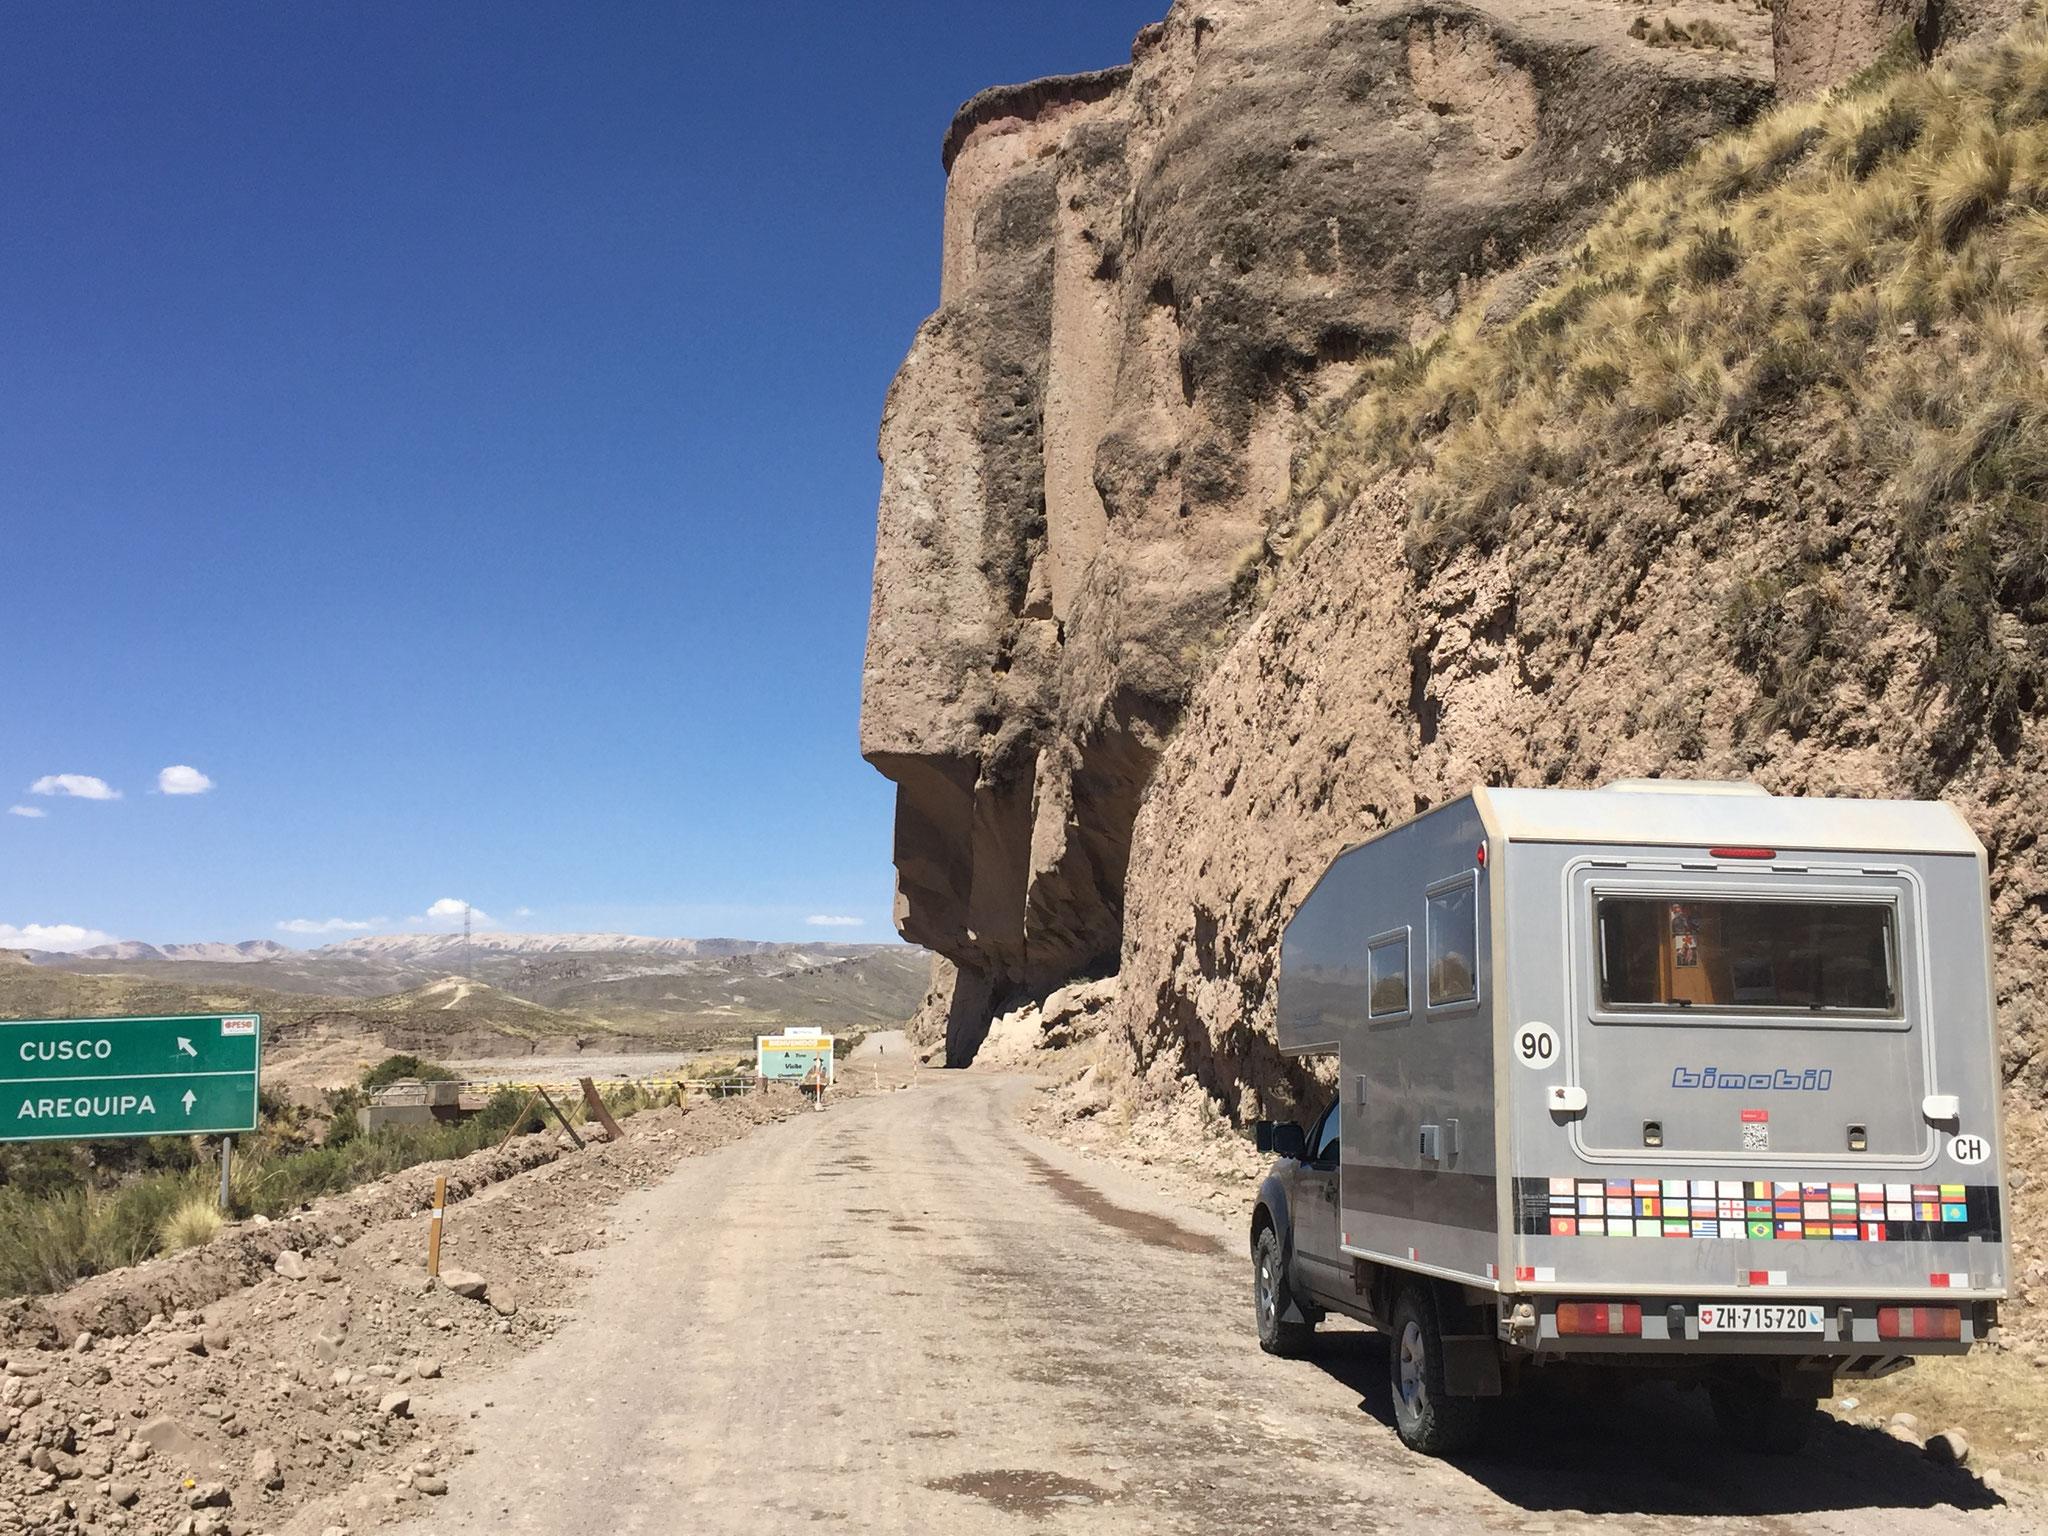 Richtung Cusco